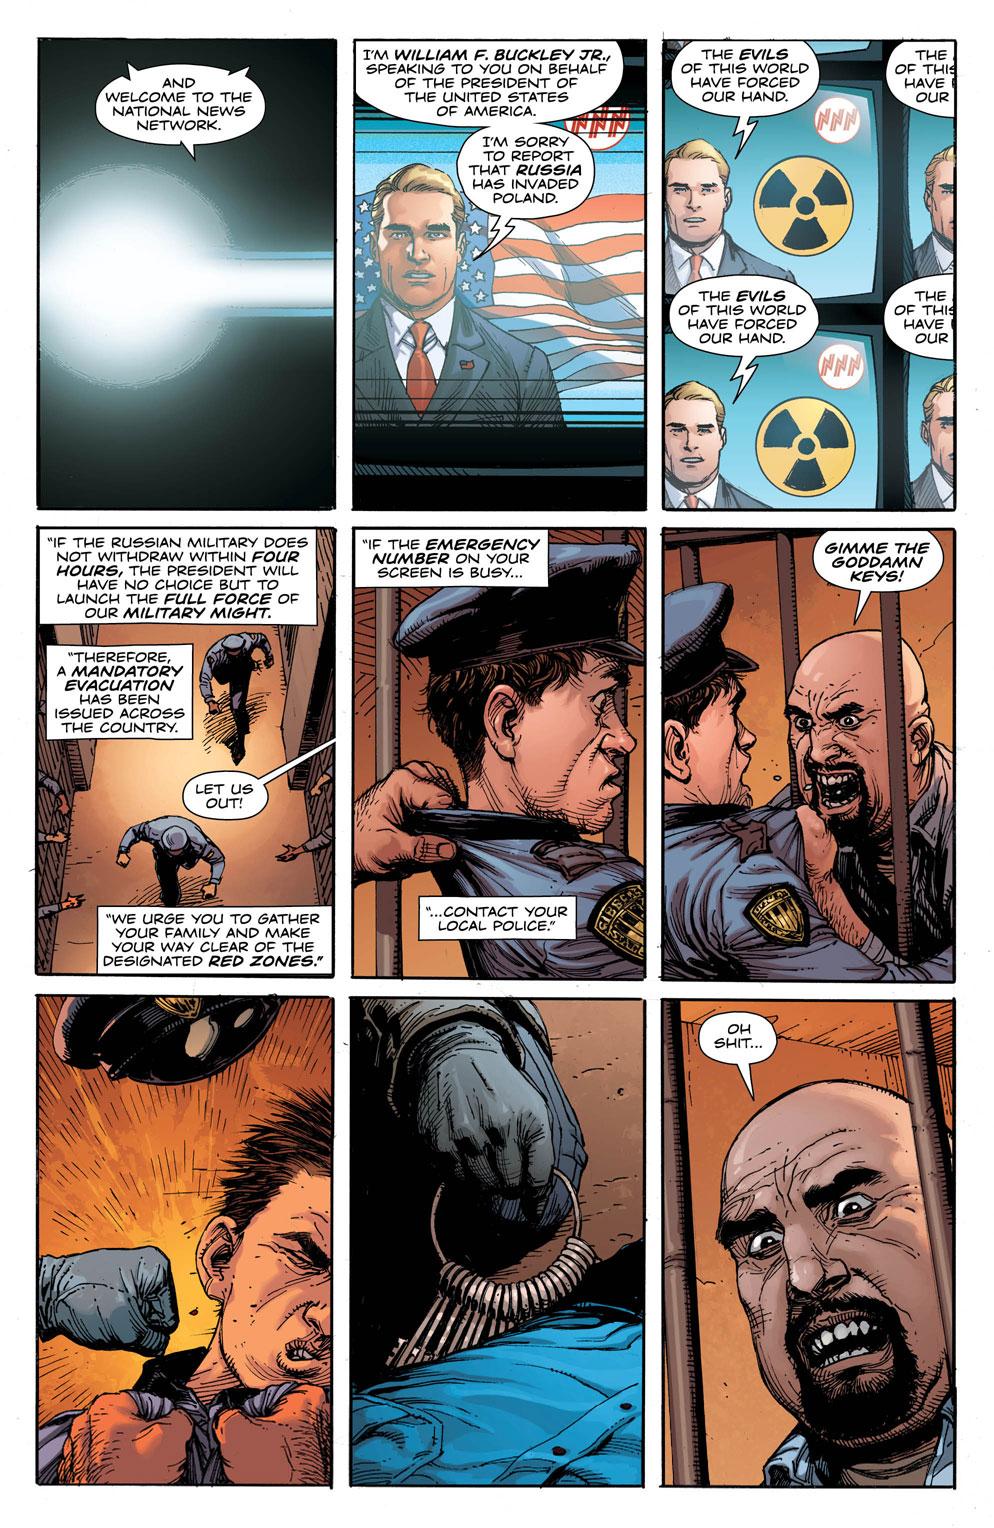 Doomsday Clock 1_5 - DC Comics News